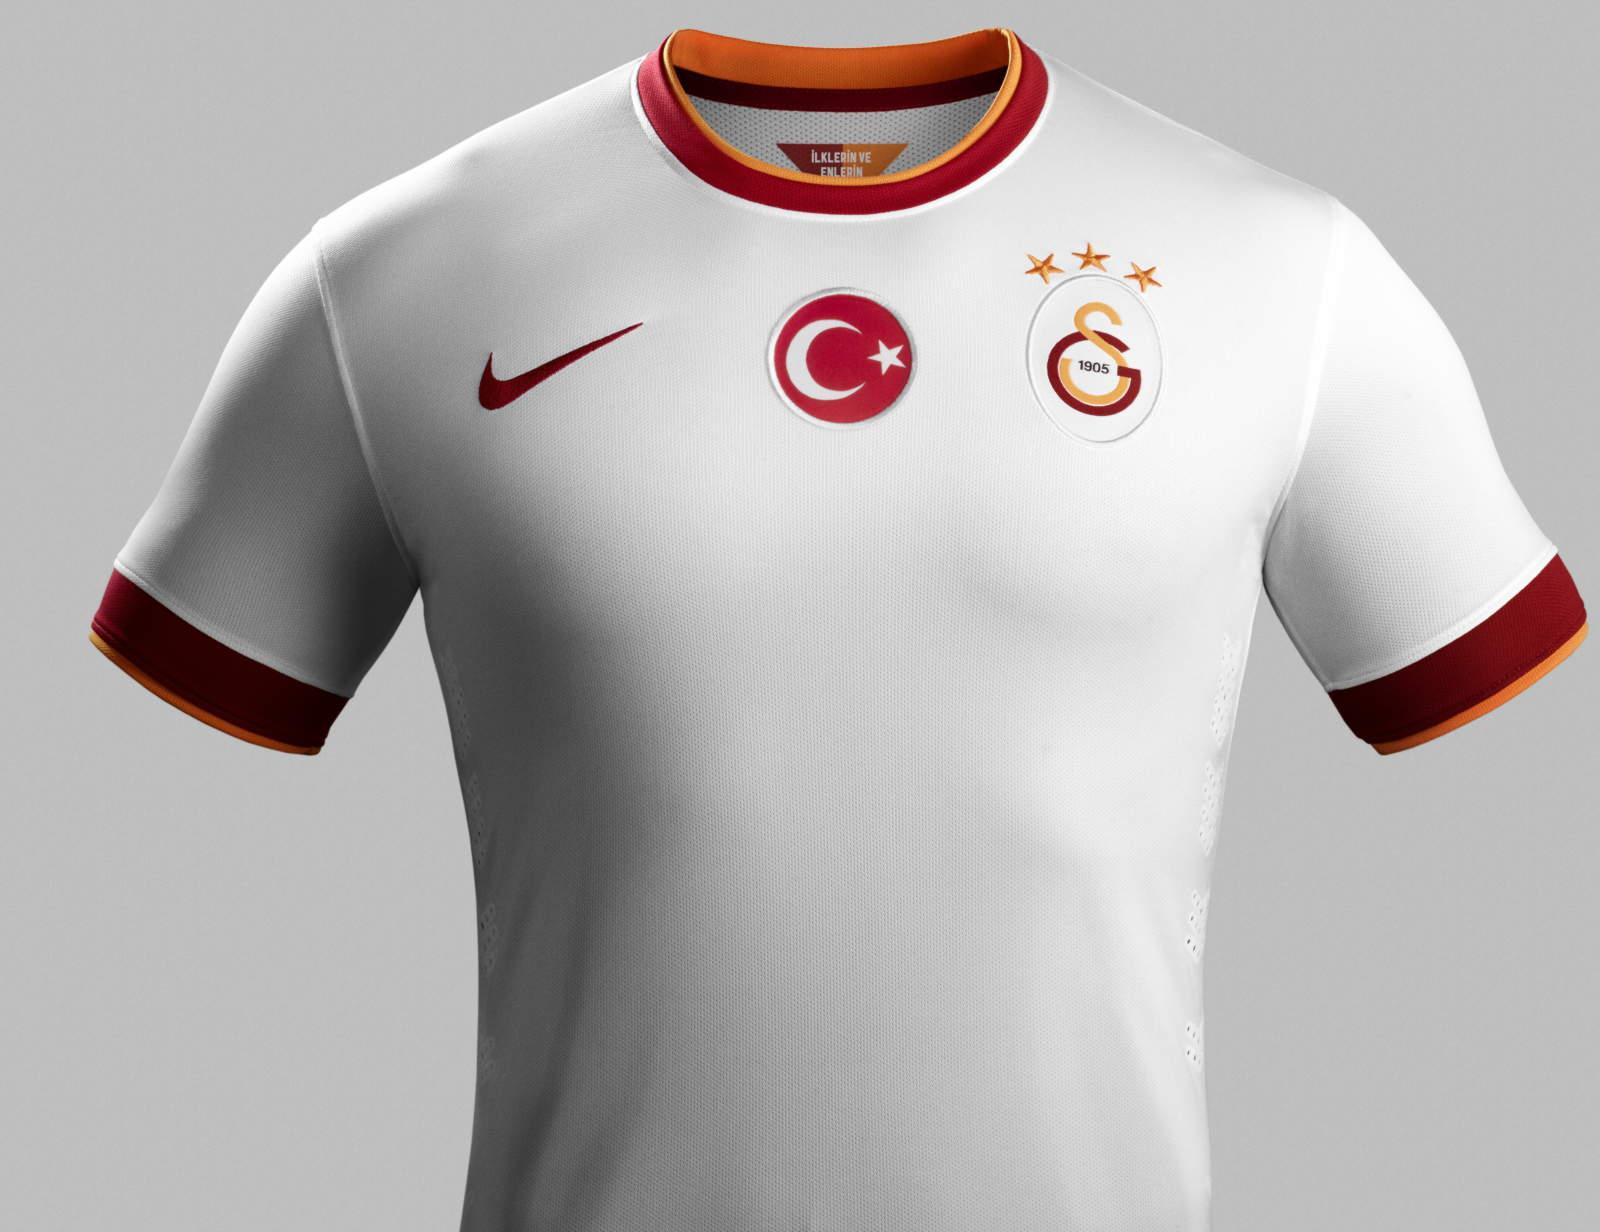 http://2.bp.blogspot.com/-VPiy-py5l7c/U8jdBWn9GKI/AAAAAAAAUZI/qvejZSQ5fQA/s1600/Nike-Galatasaray-14-15-Away-Kit+(2).jpg